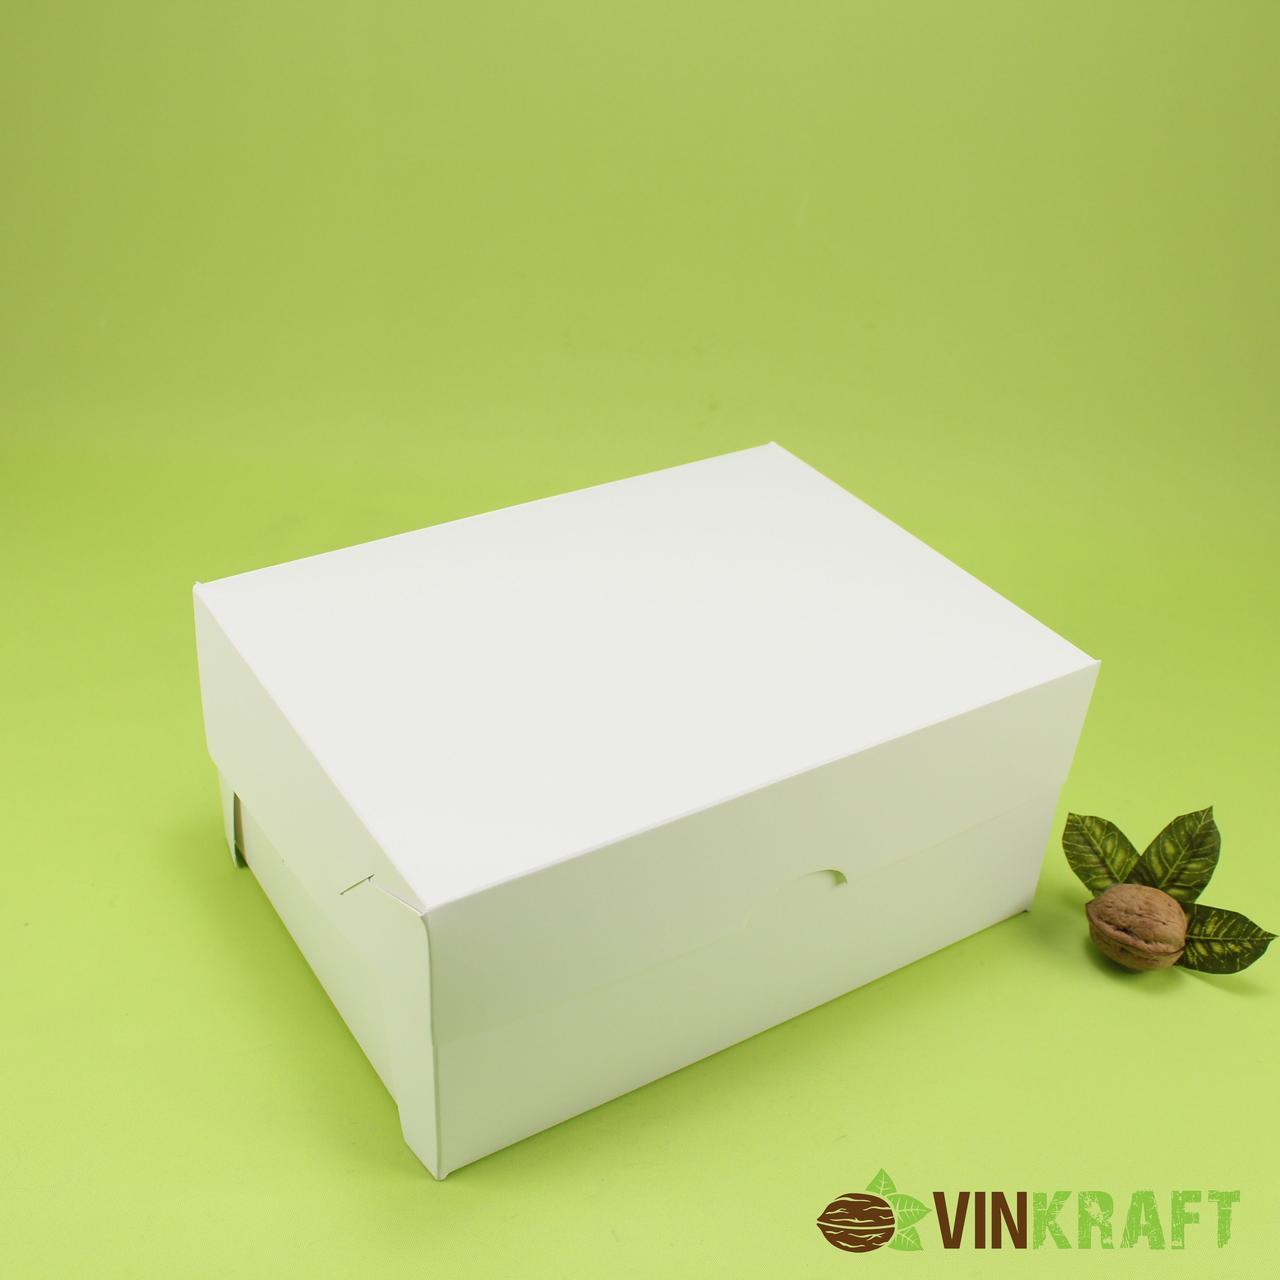 Коробка 240*180*110 (h=110) для капкейков  (6 шт), біла